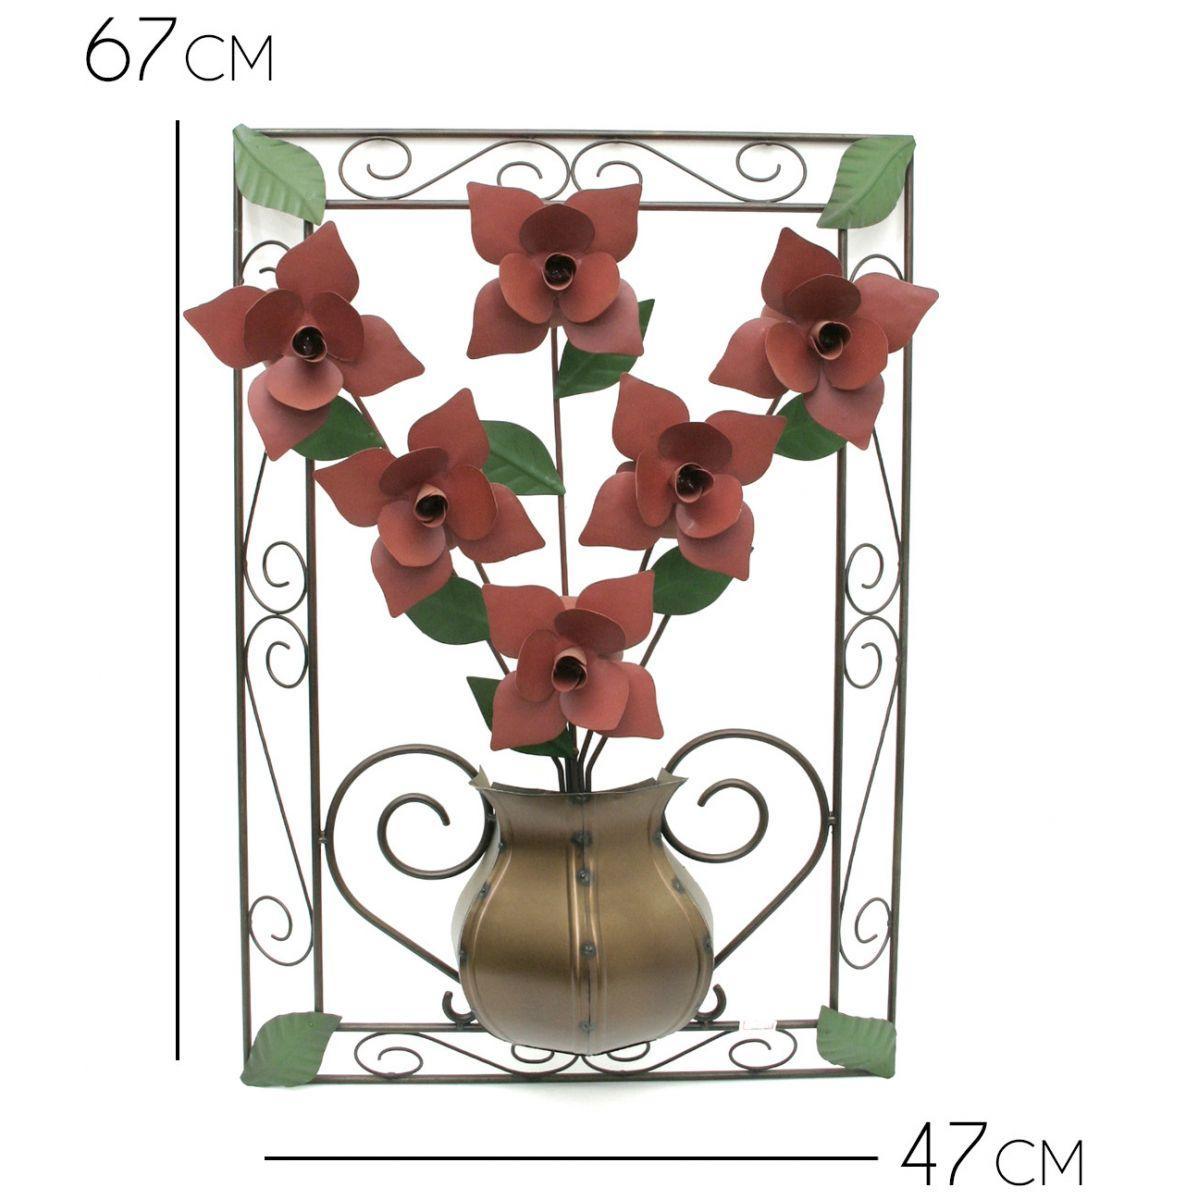 Quadro Decorativo de Ferro Rustico com Flores para Sala de Jantar